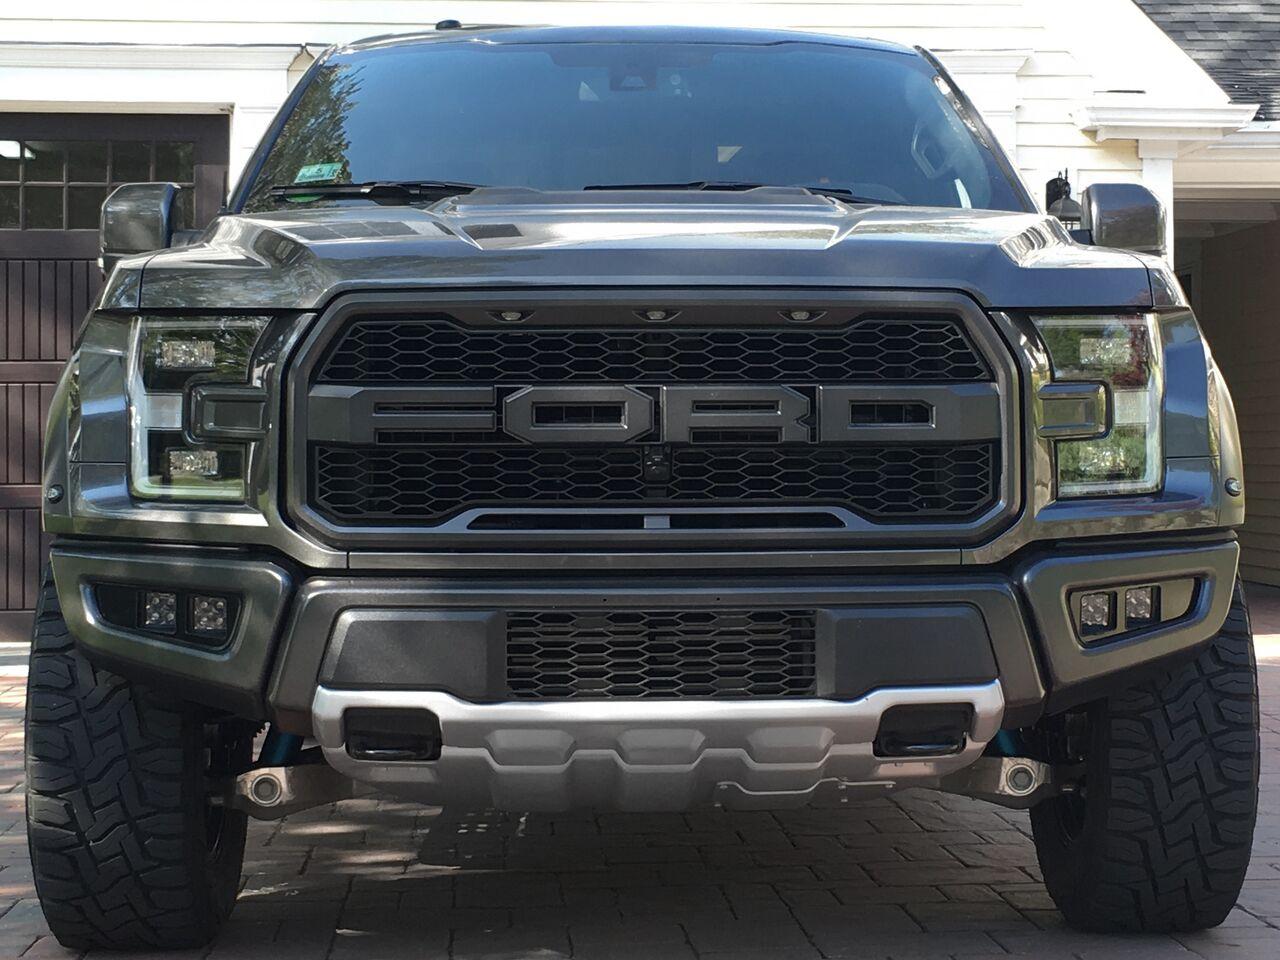 Raptor Lights 2017 Gen 2 Ford Raptor Dual Fog Light And